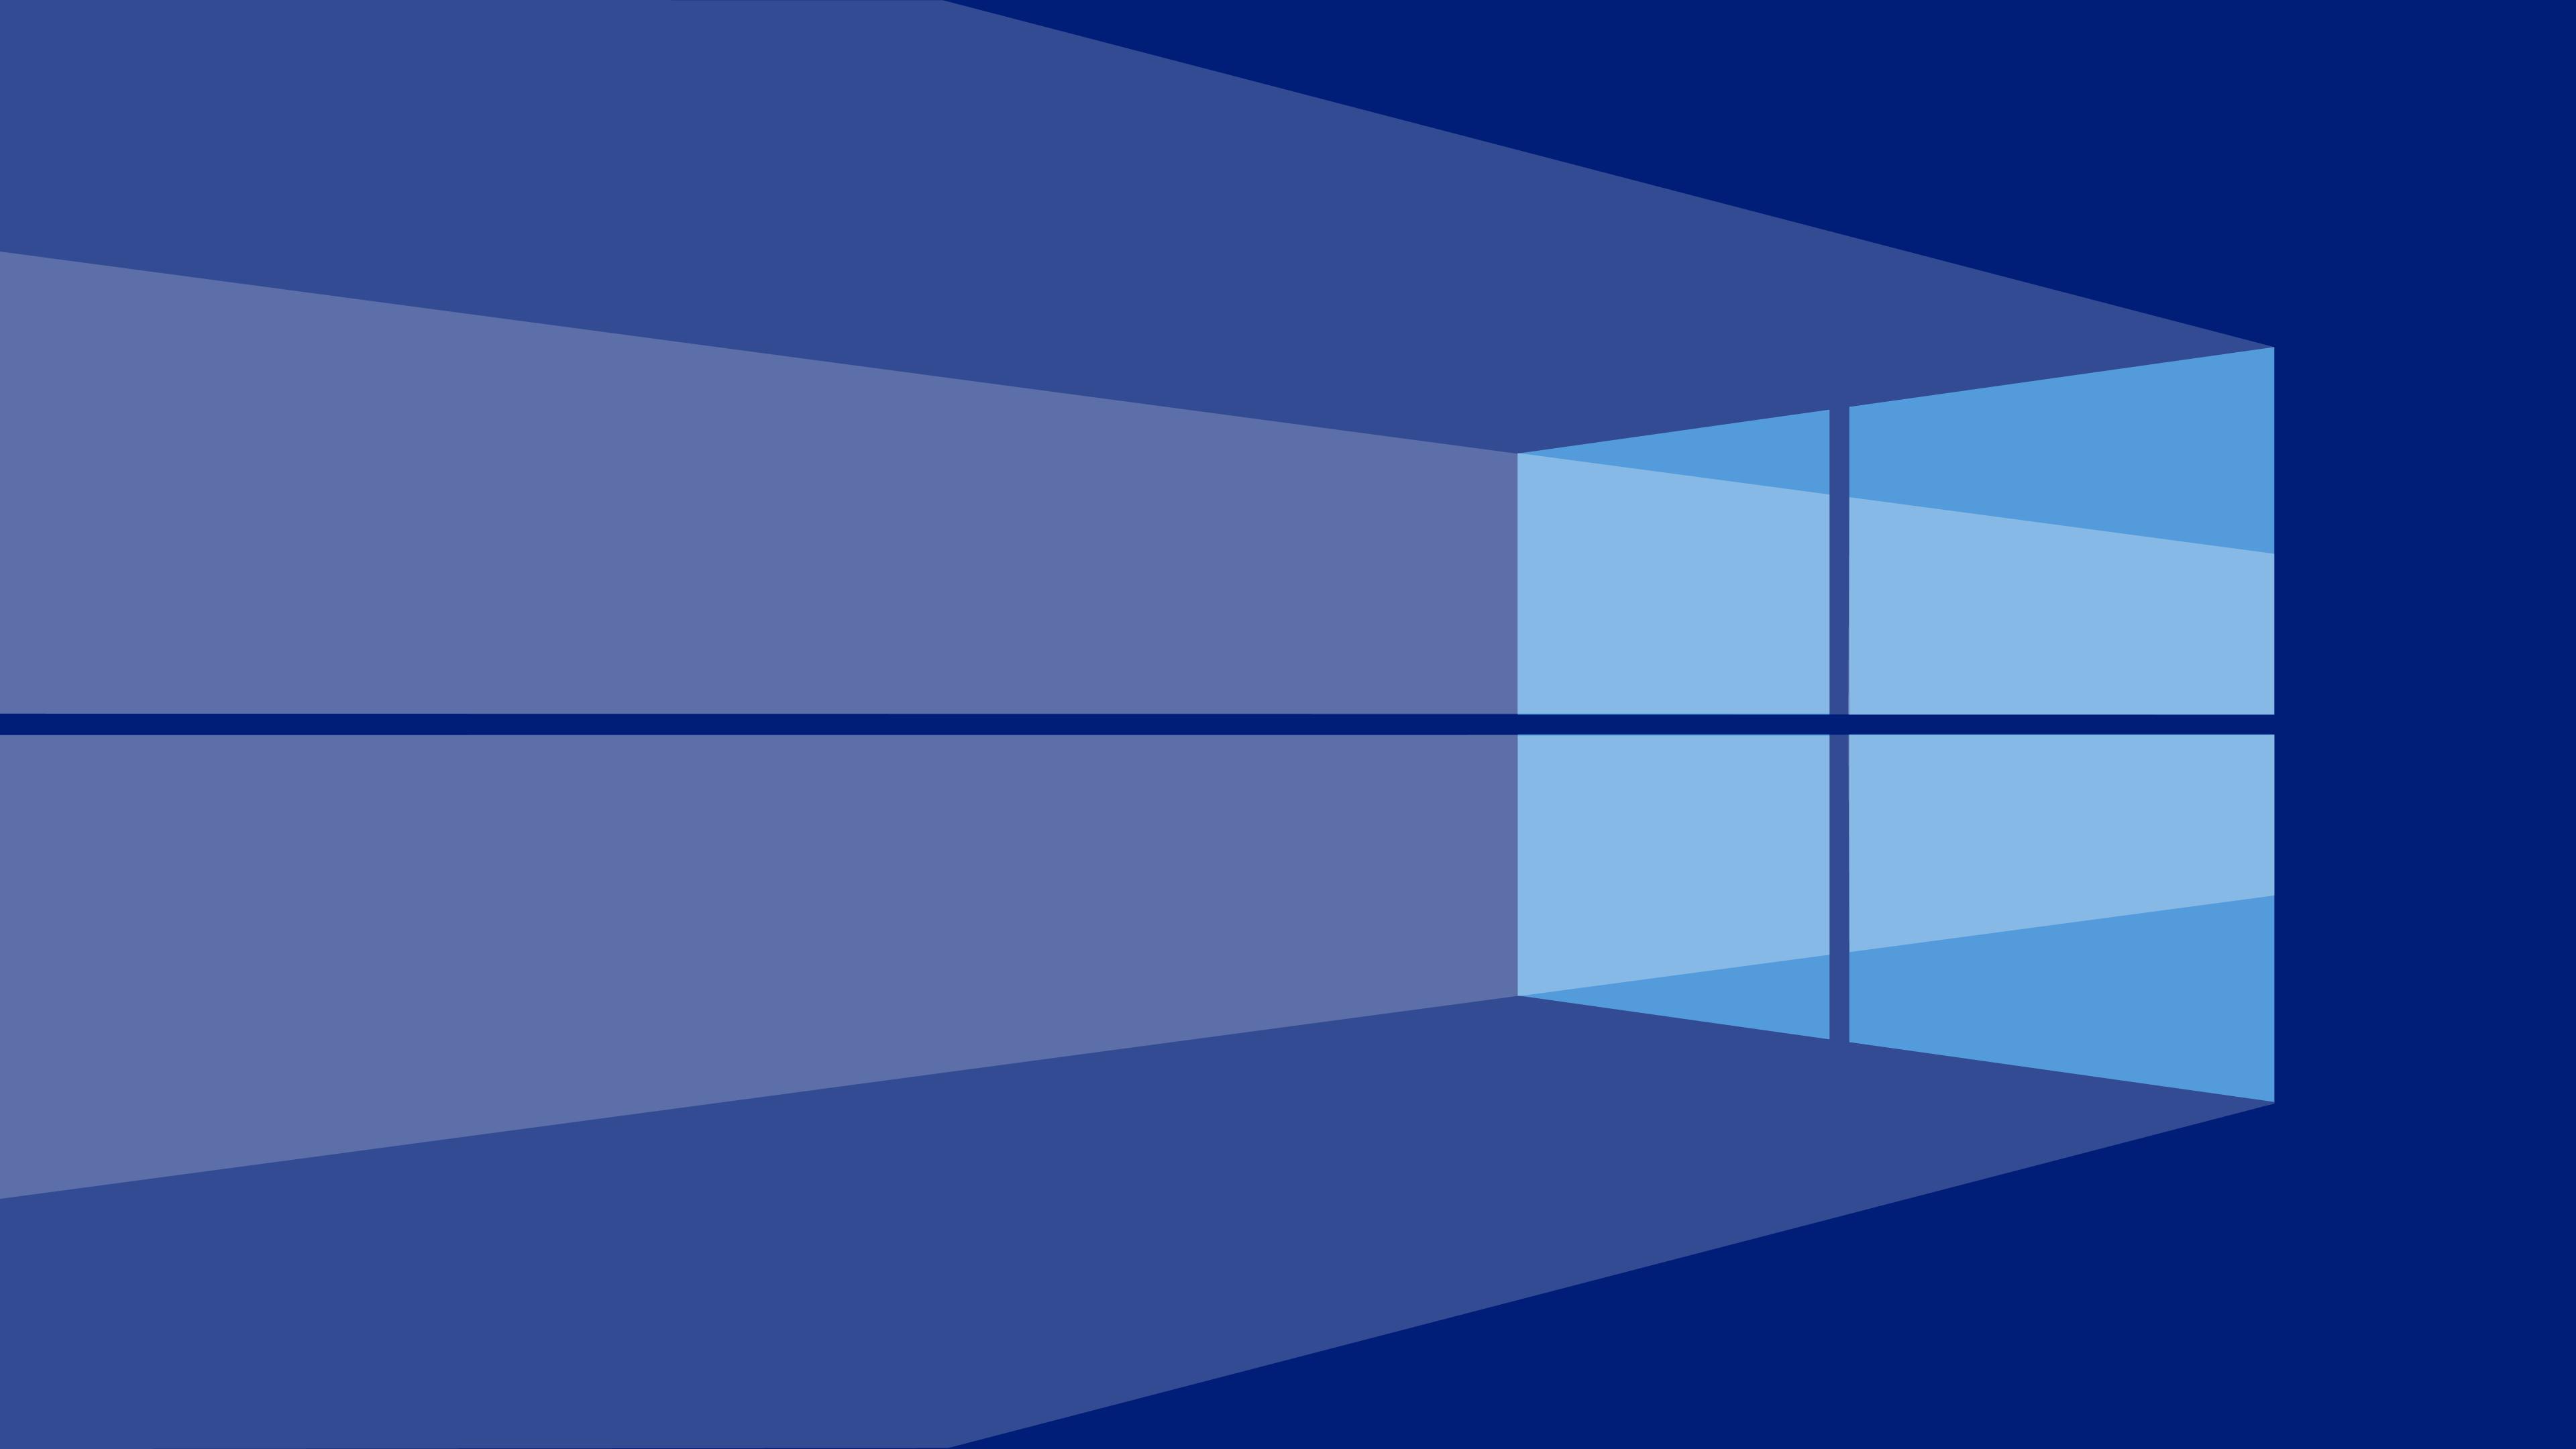 windows 10 widescreen wallpaper 61874